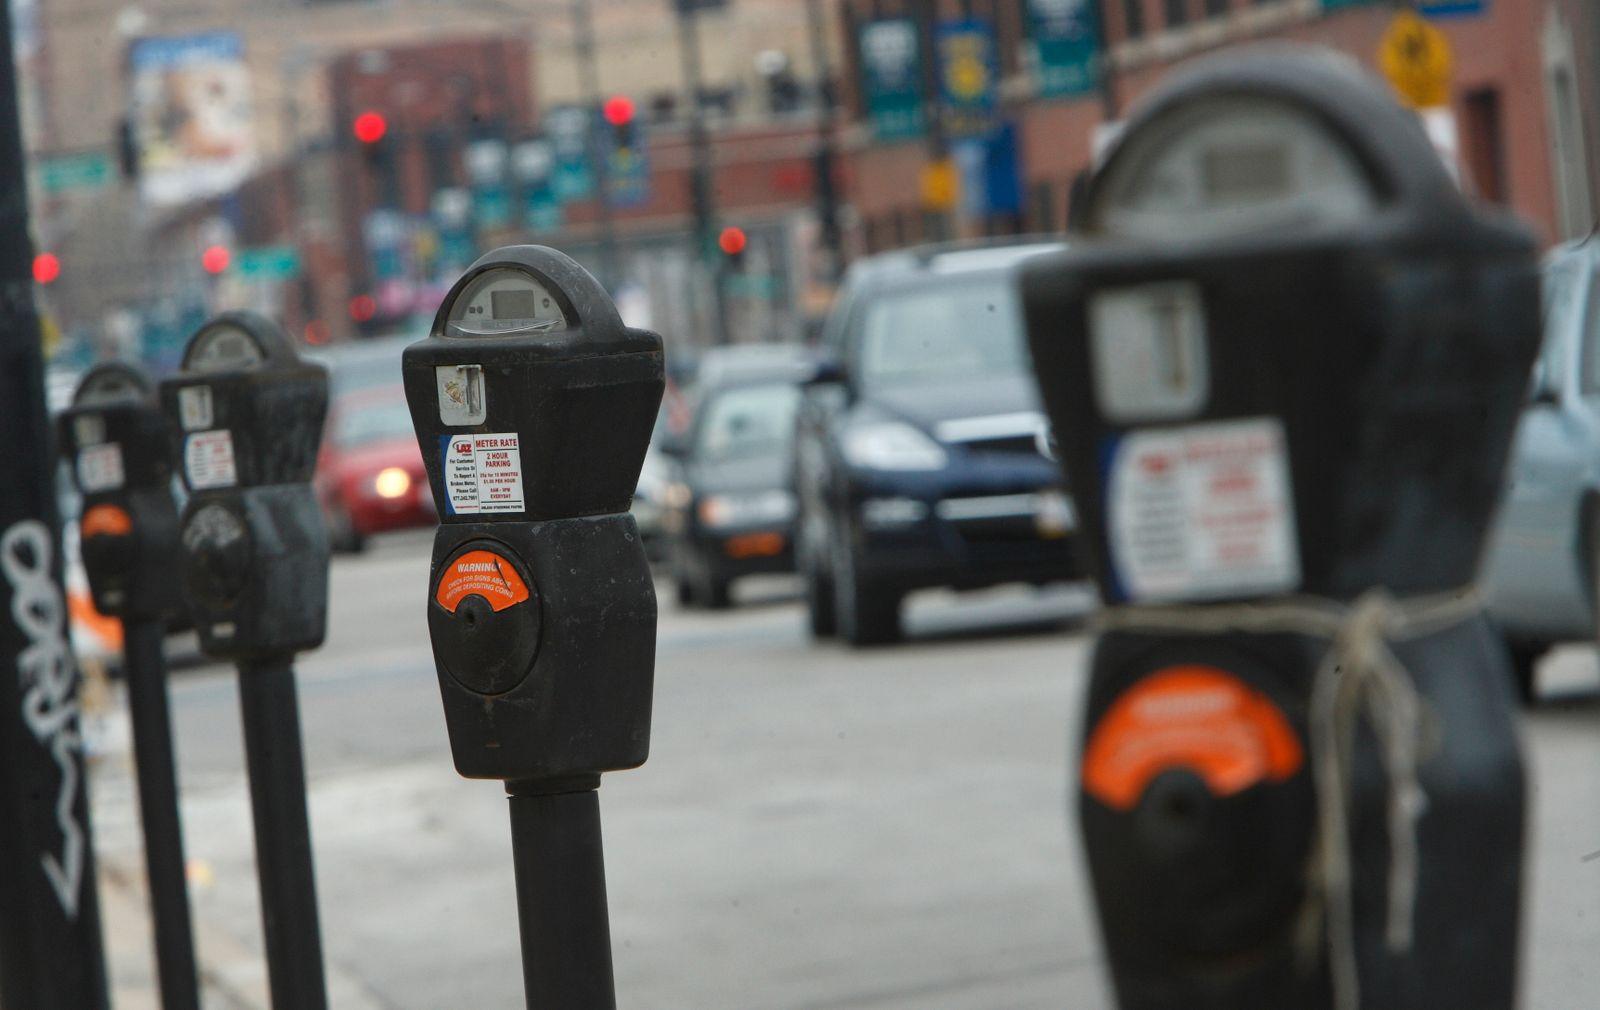 NICHT MEHR VERWENDEN! - Parkuhr / Autos / Chicago / Straßenverkehr